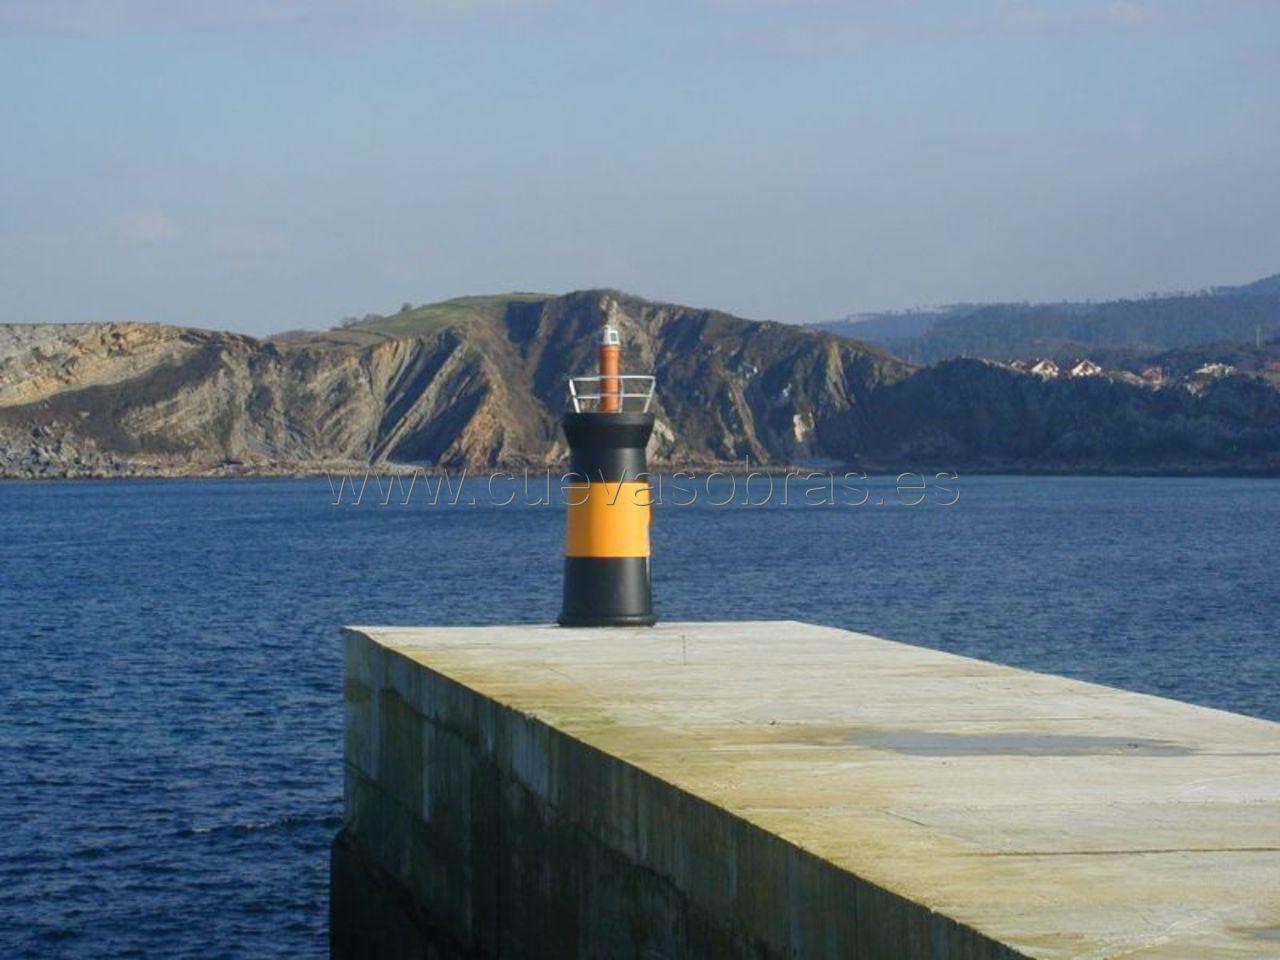 Ejecución de una nueva baliza en el puerto de Comillas, Cantabria